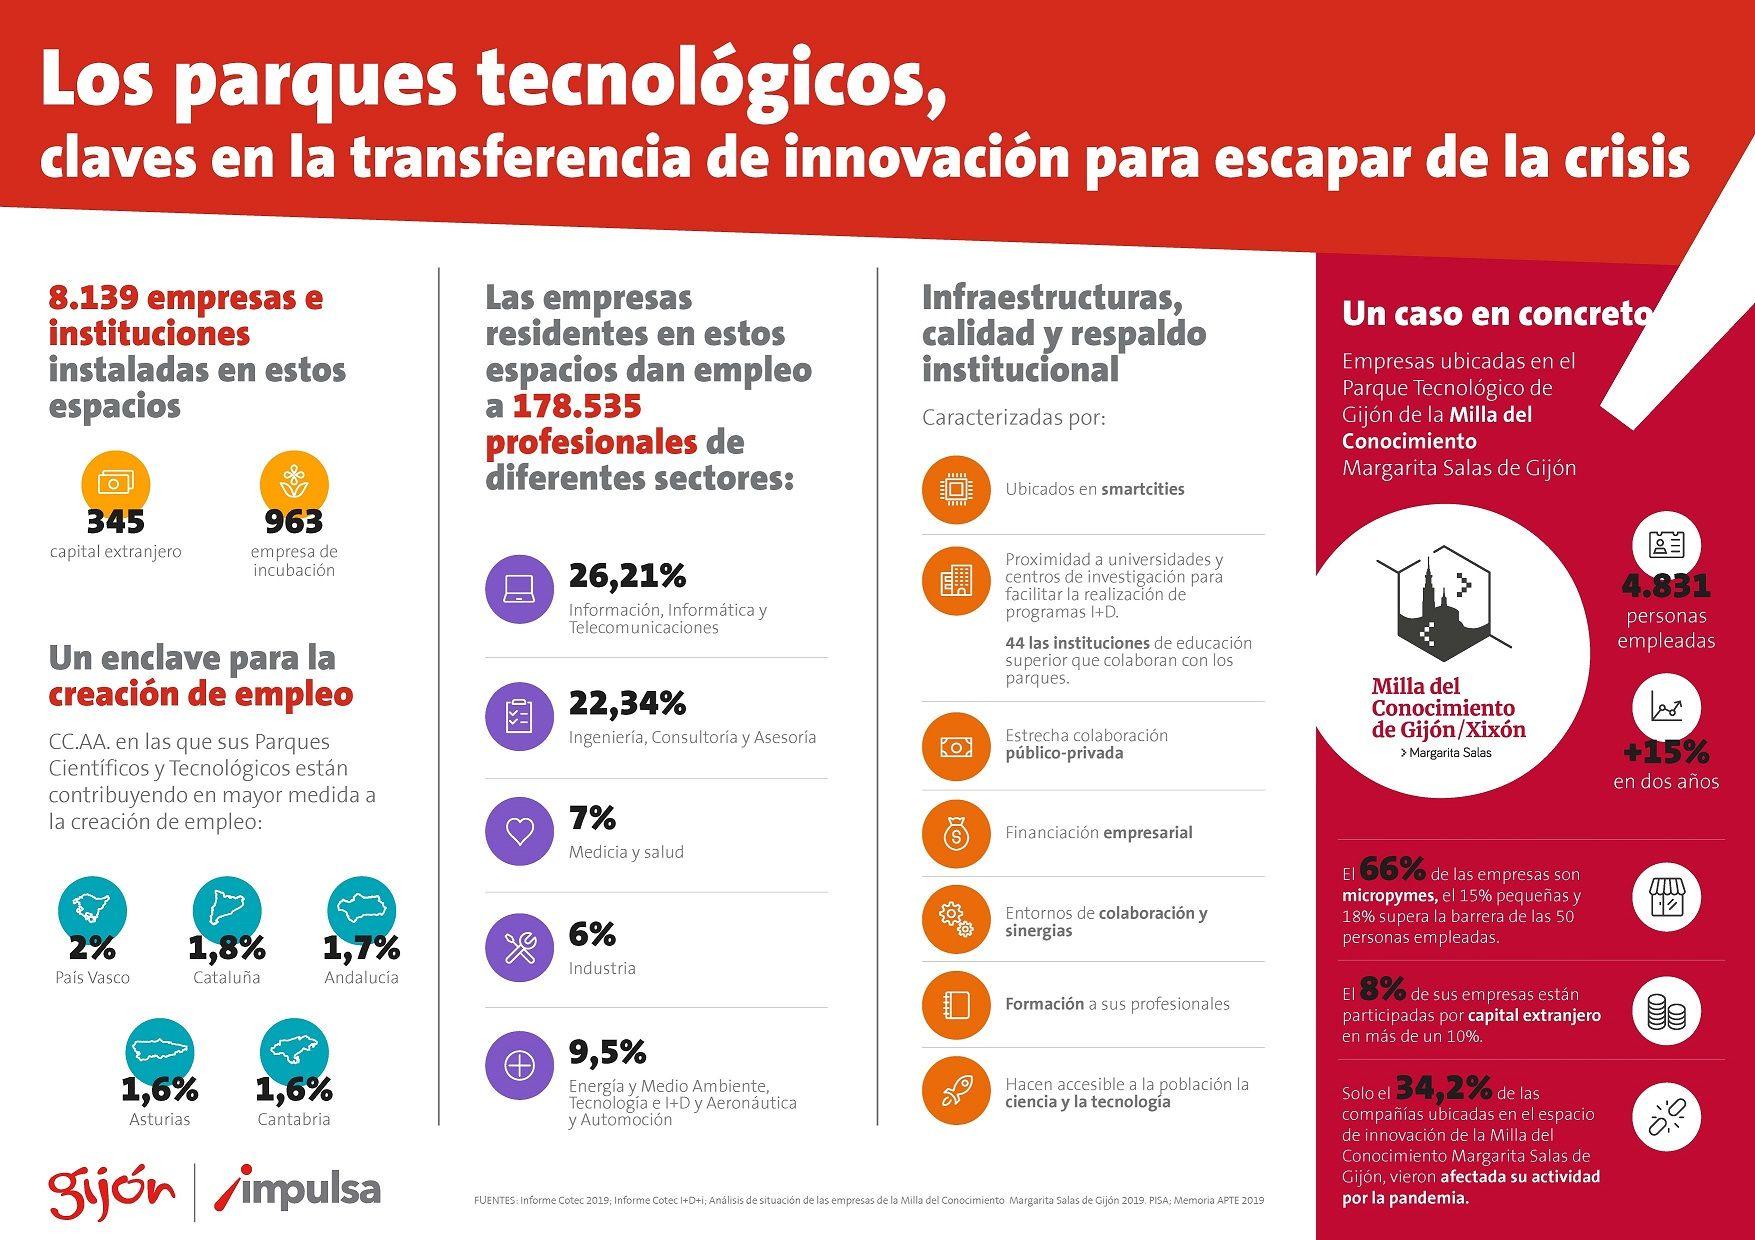 Los parques tecnológicos, claves en la transferencia de innovación para escapar de la crisis